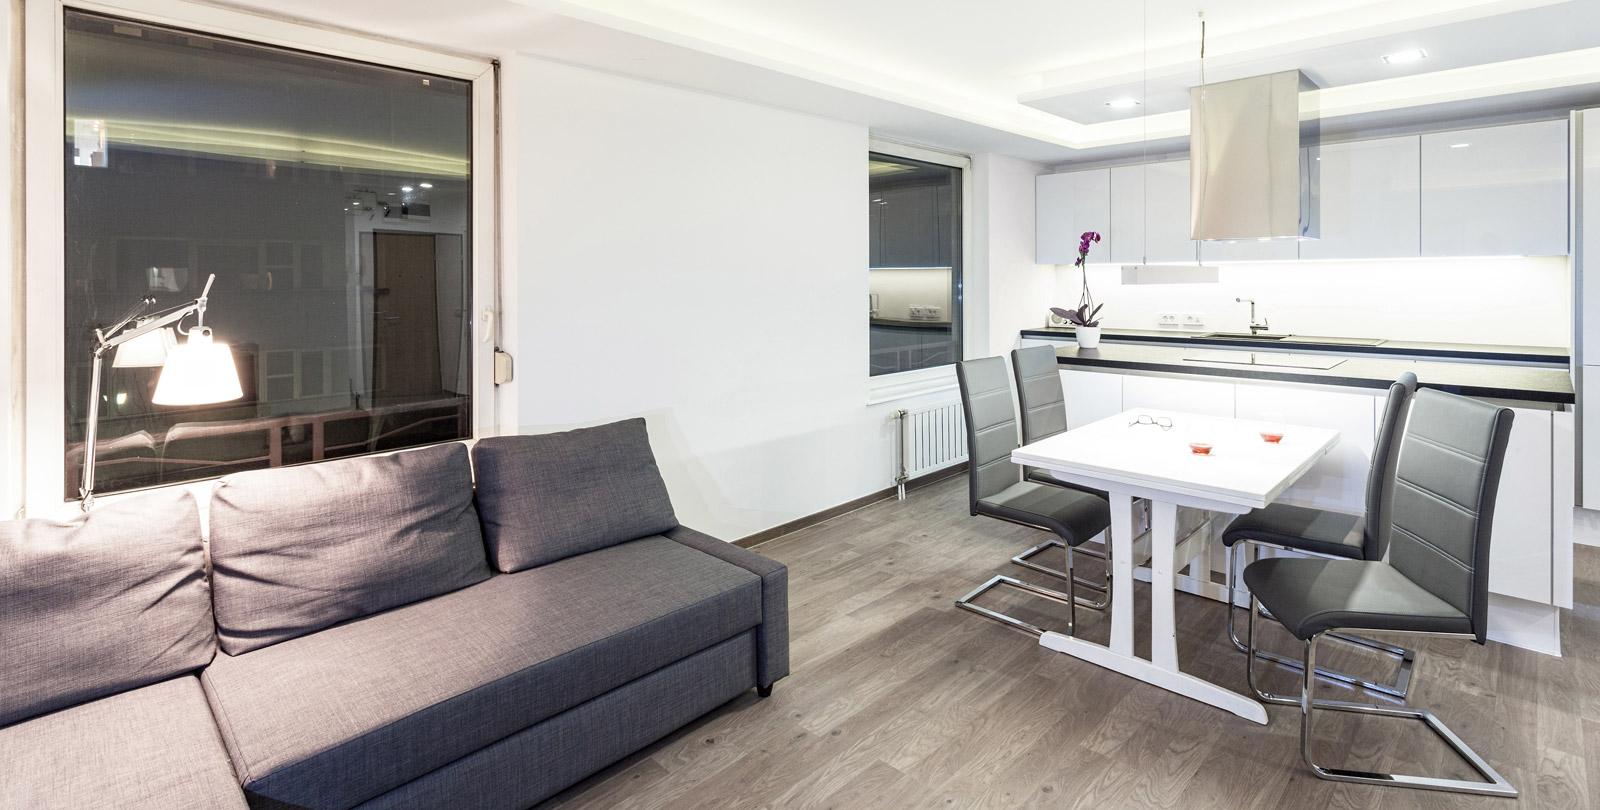 Stanovanje-sodobni-minimalizem